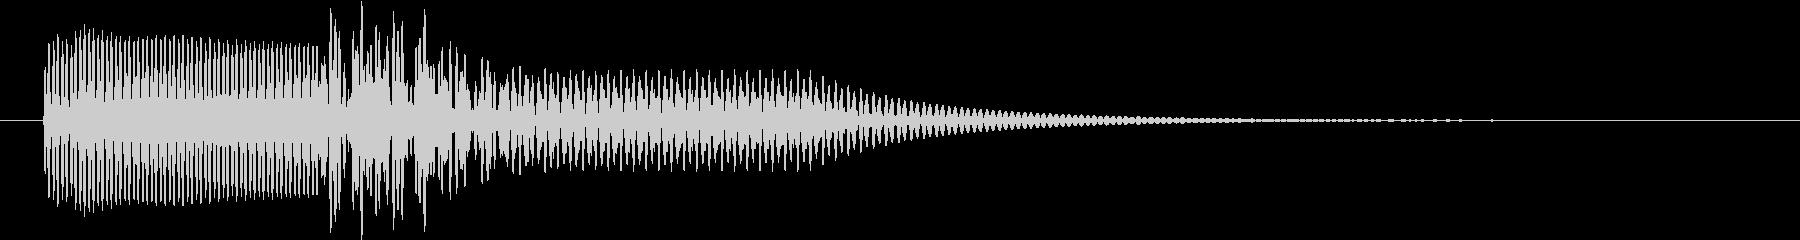 ピロン(デジタル・シンプル・キャンセル)の未再生の波形